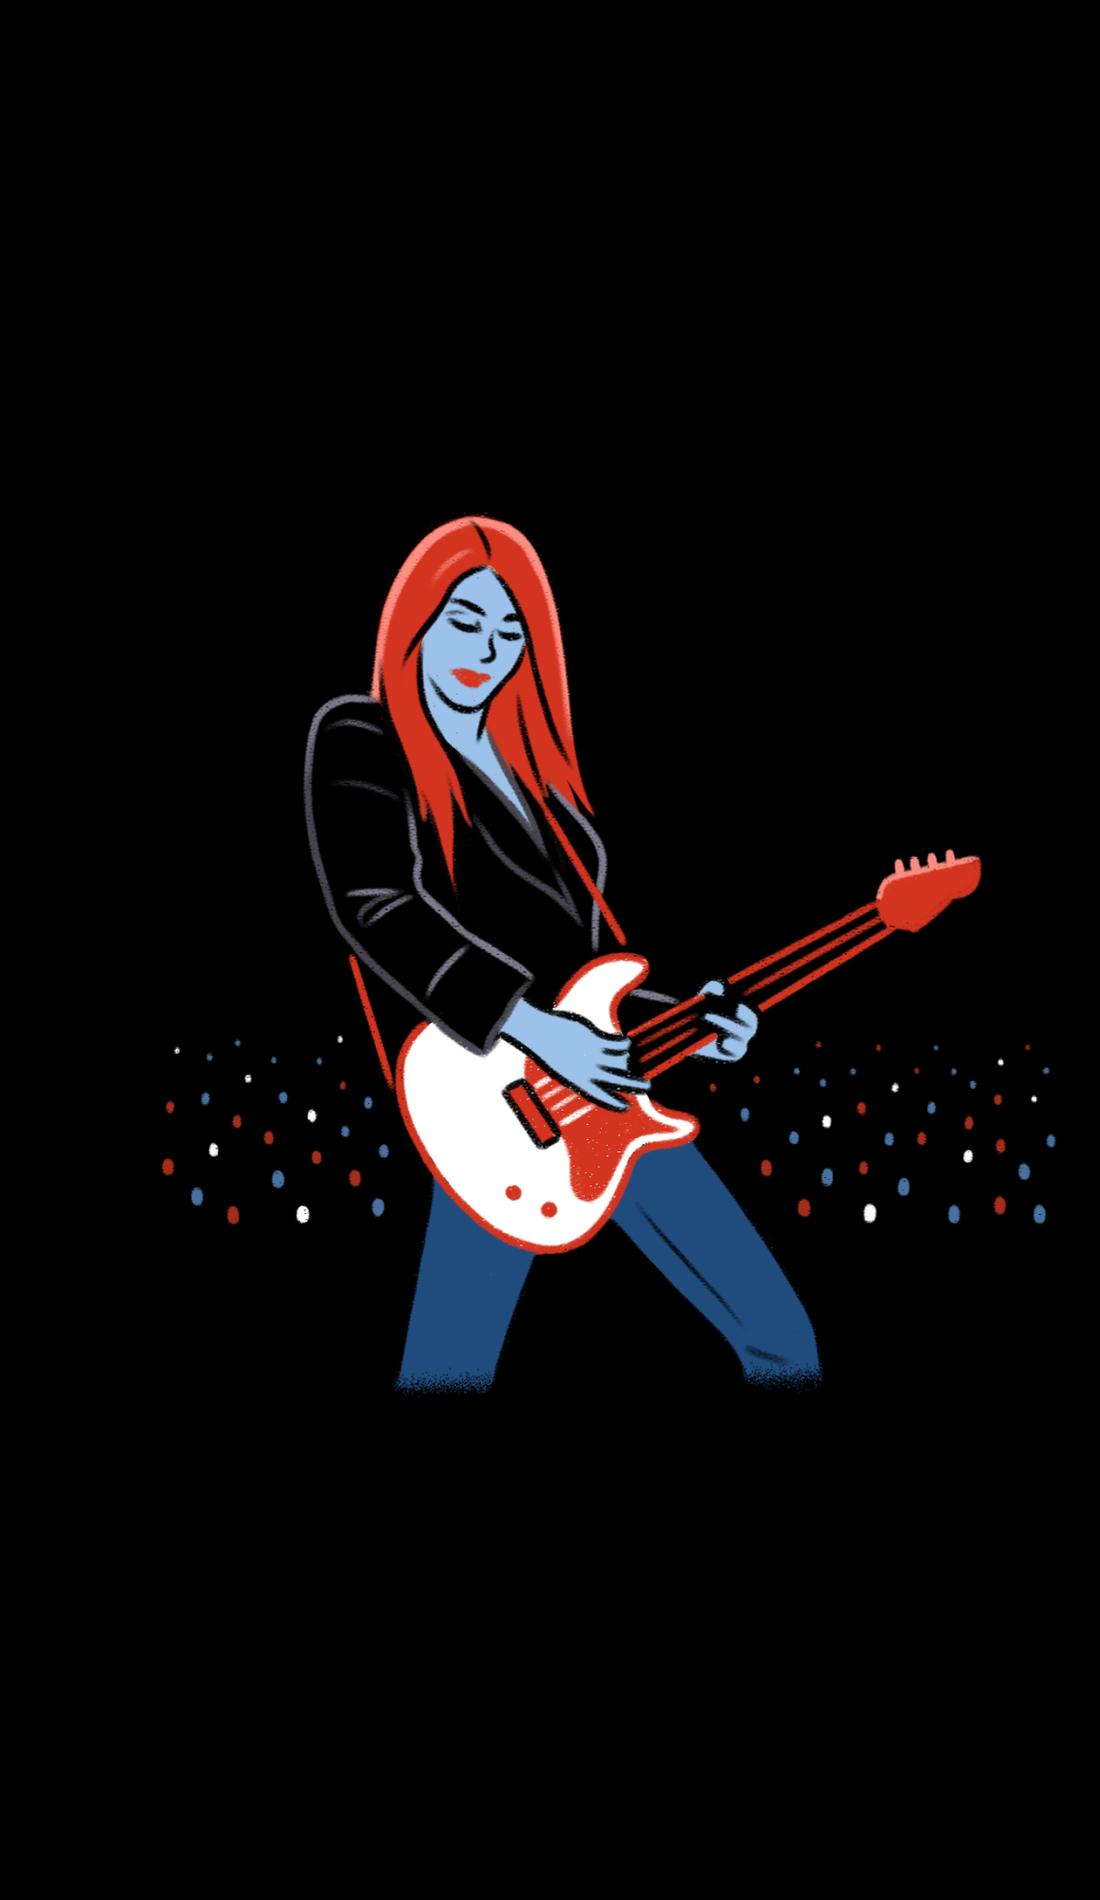 A DJ Craze live event